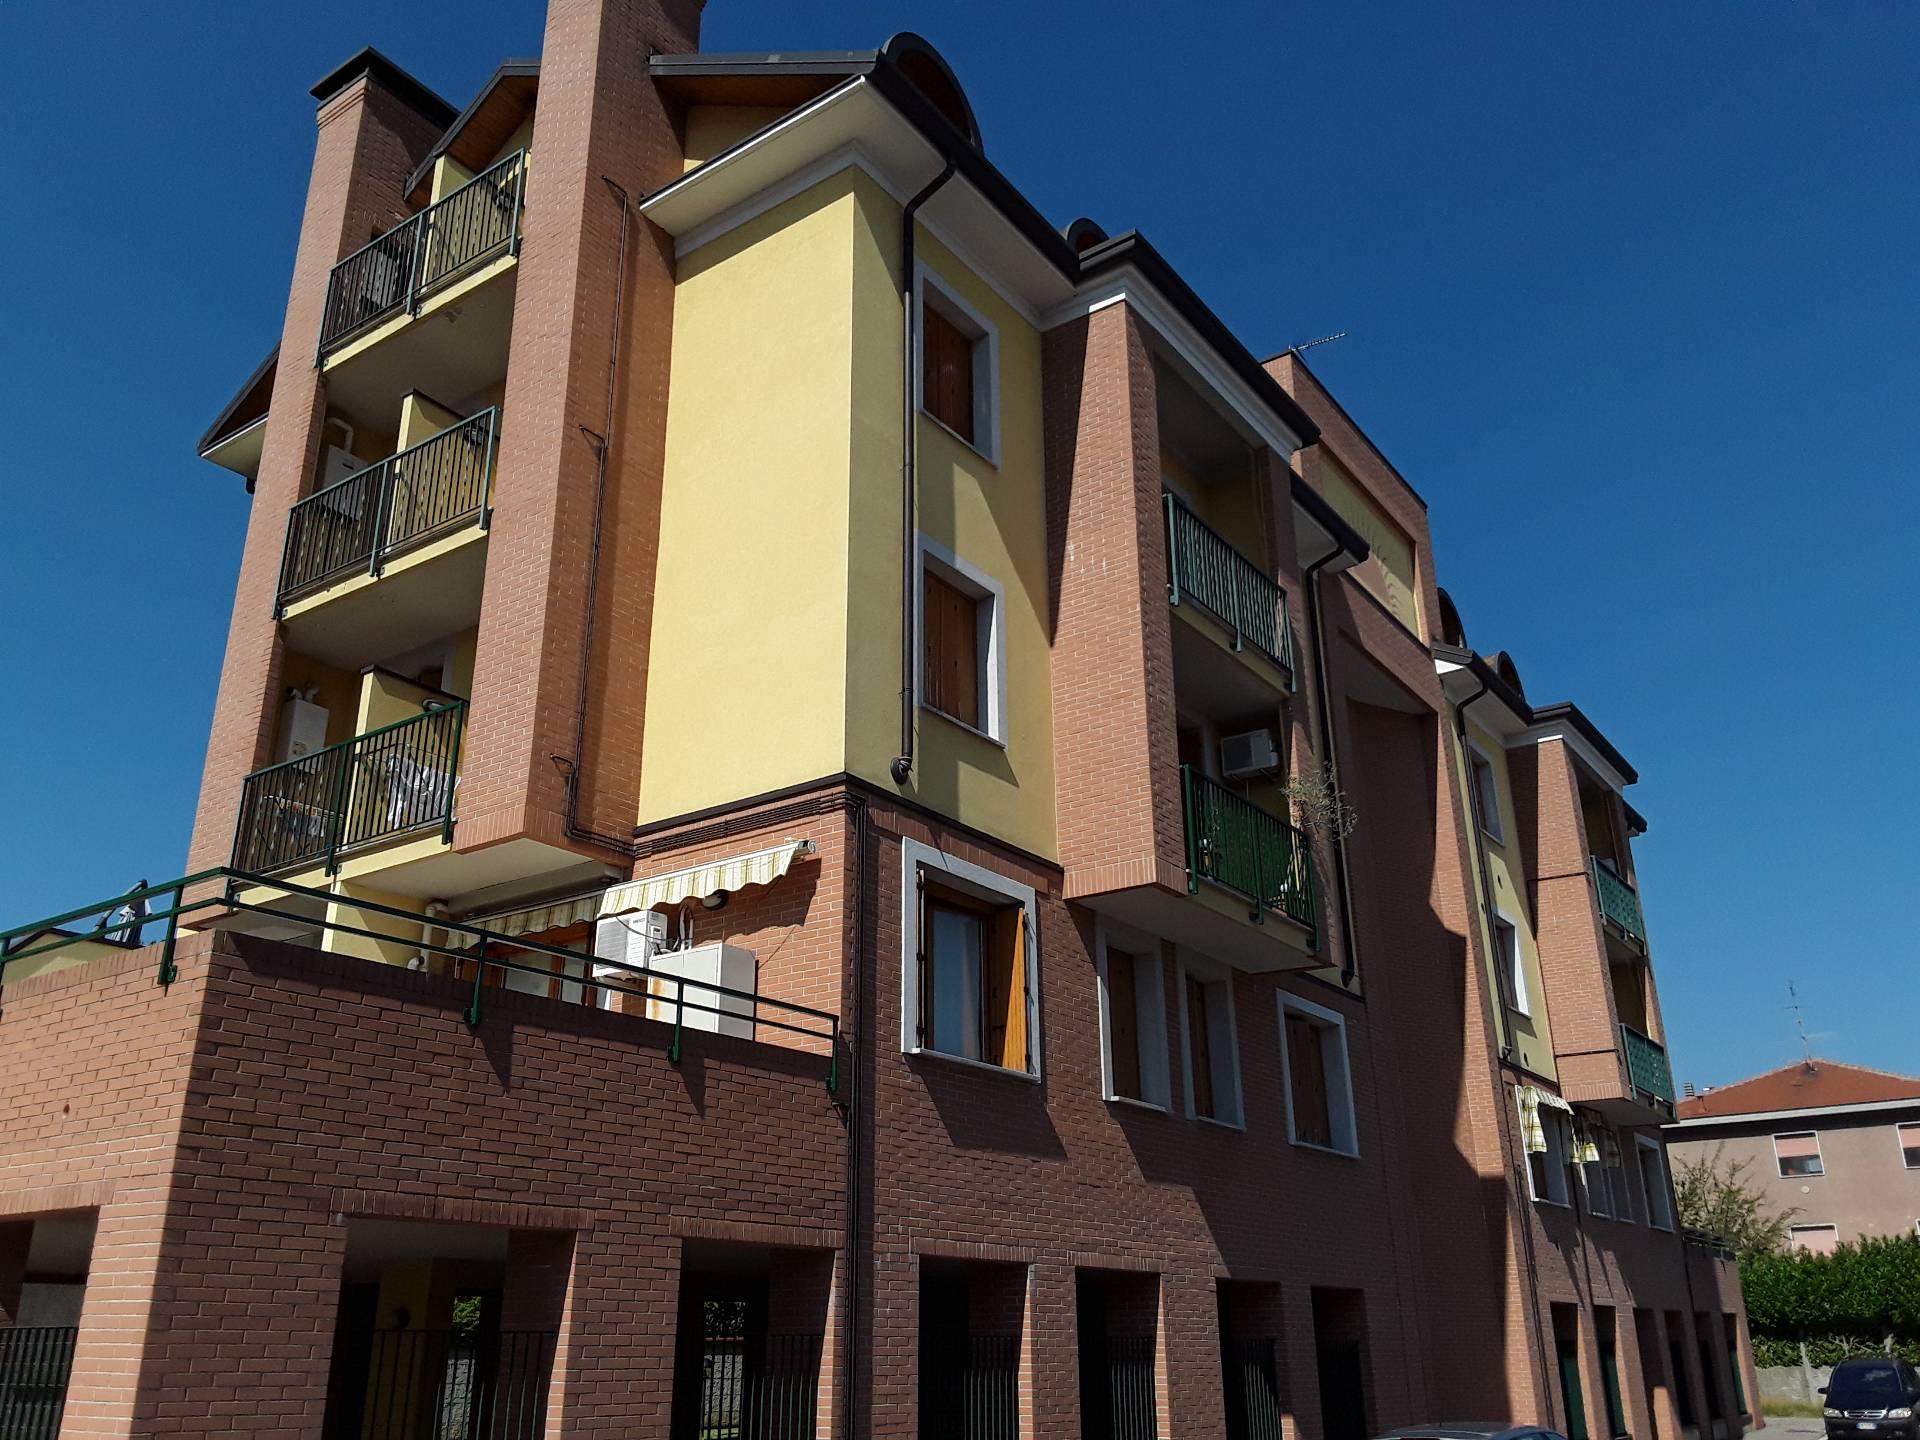 Appartamento in affitto a Busto Arsizio, 2 locali, zona tero, prezzo € 500   PortaleAgenzieImmobiliari.it